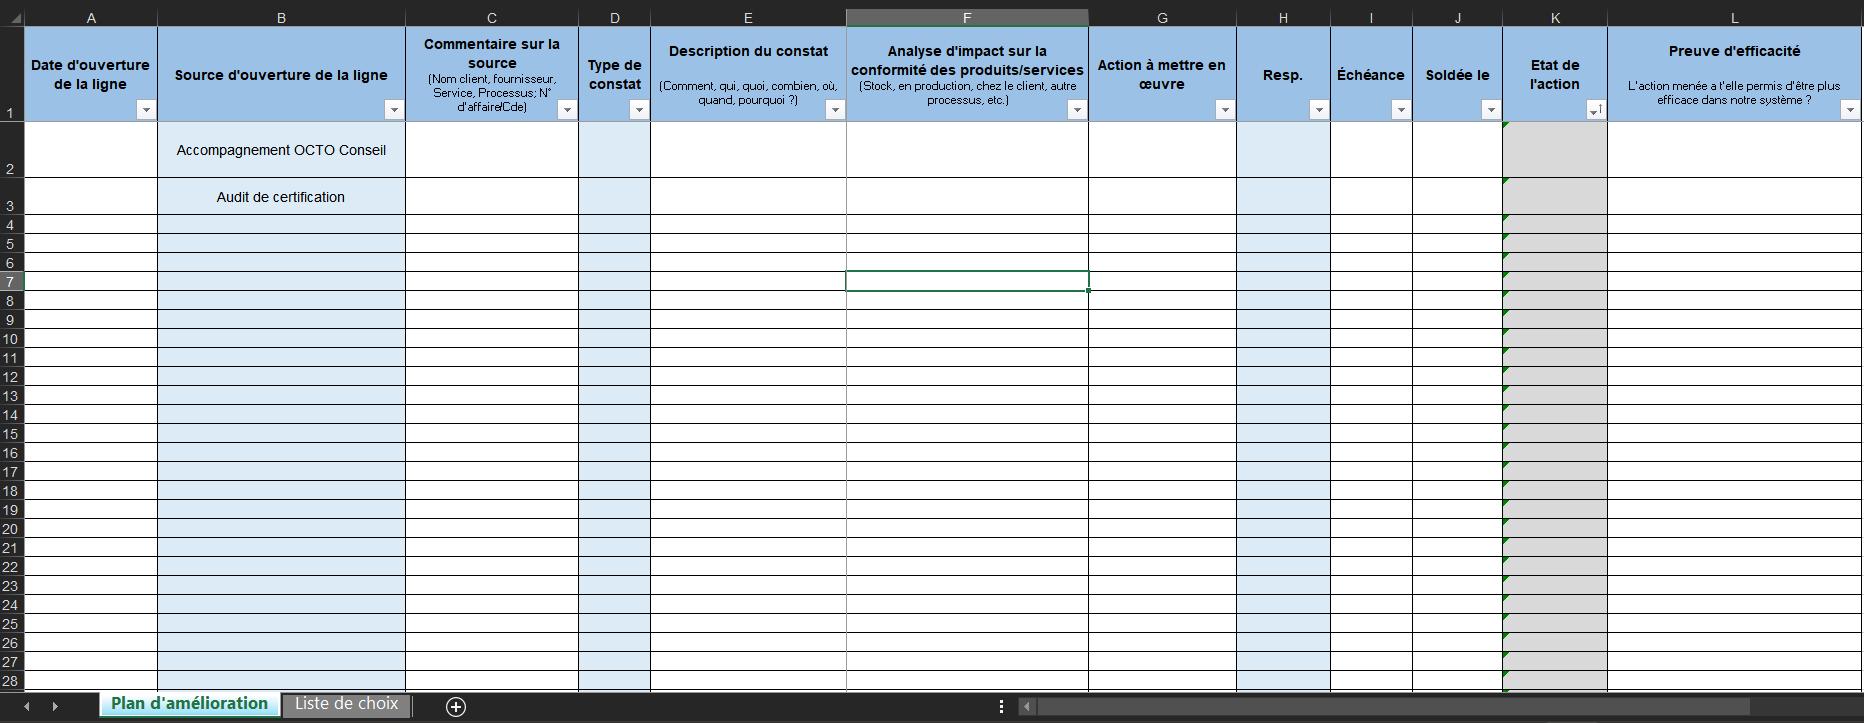 capture d'écran du plan d'amélioration